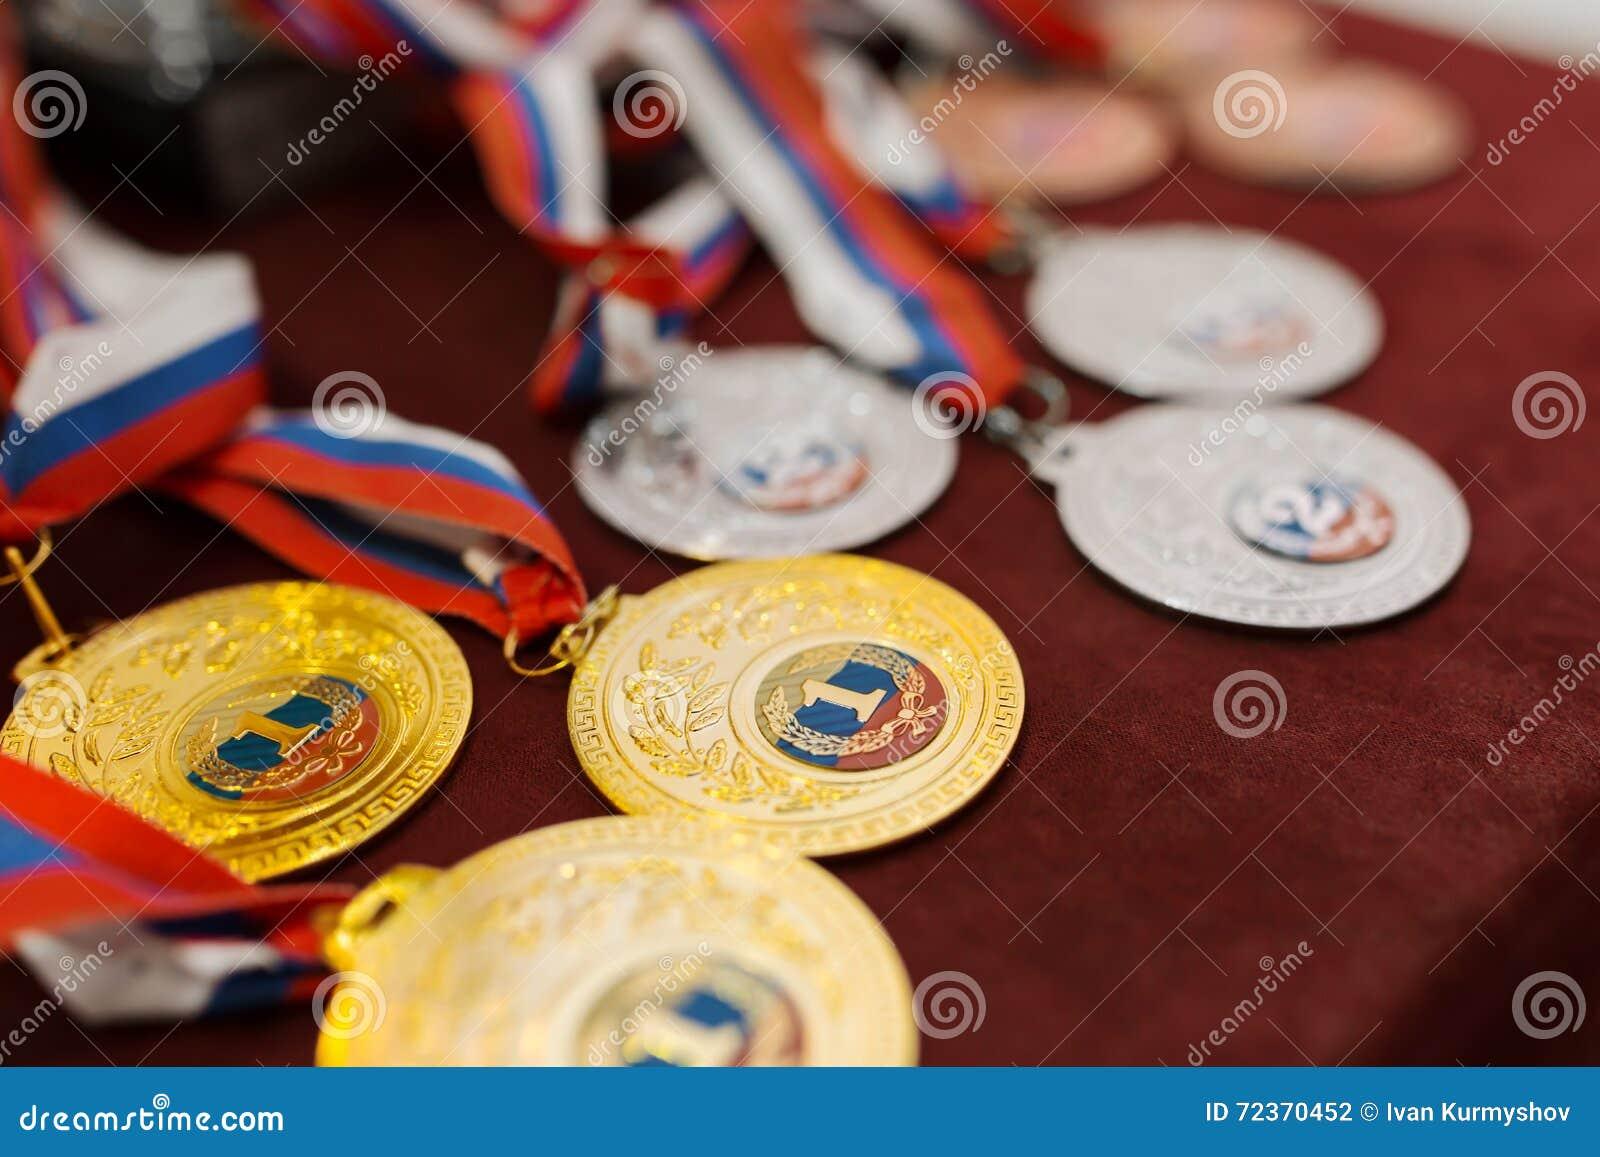 征服竞争的奖牌在桌上